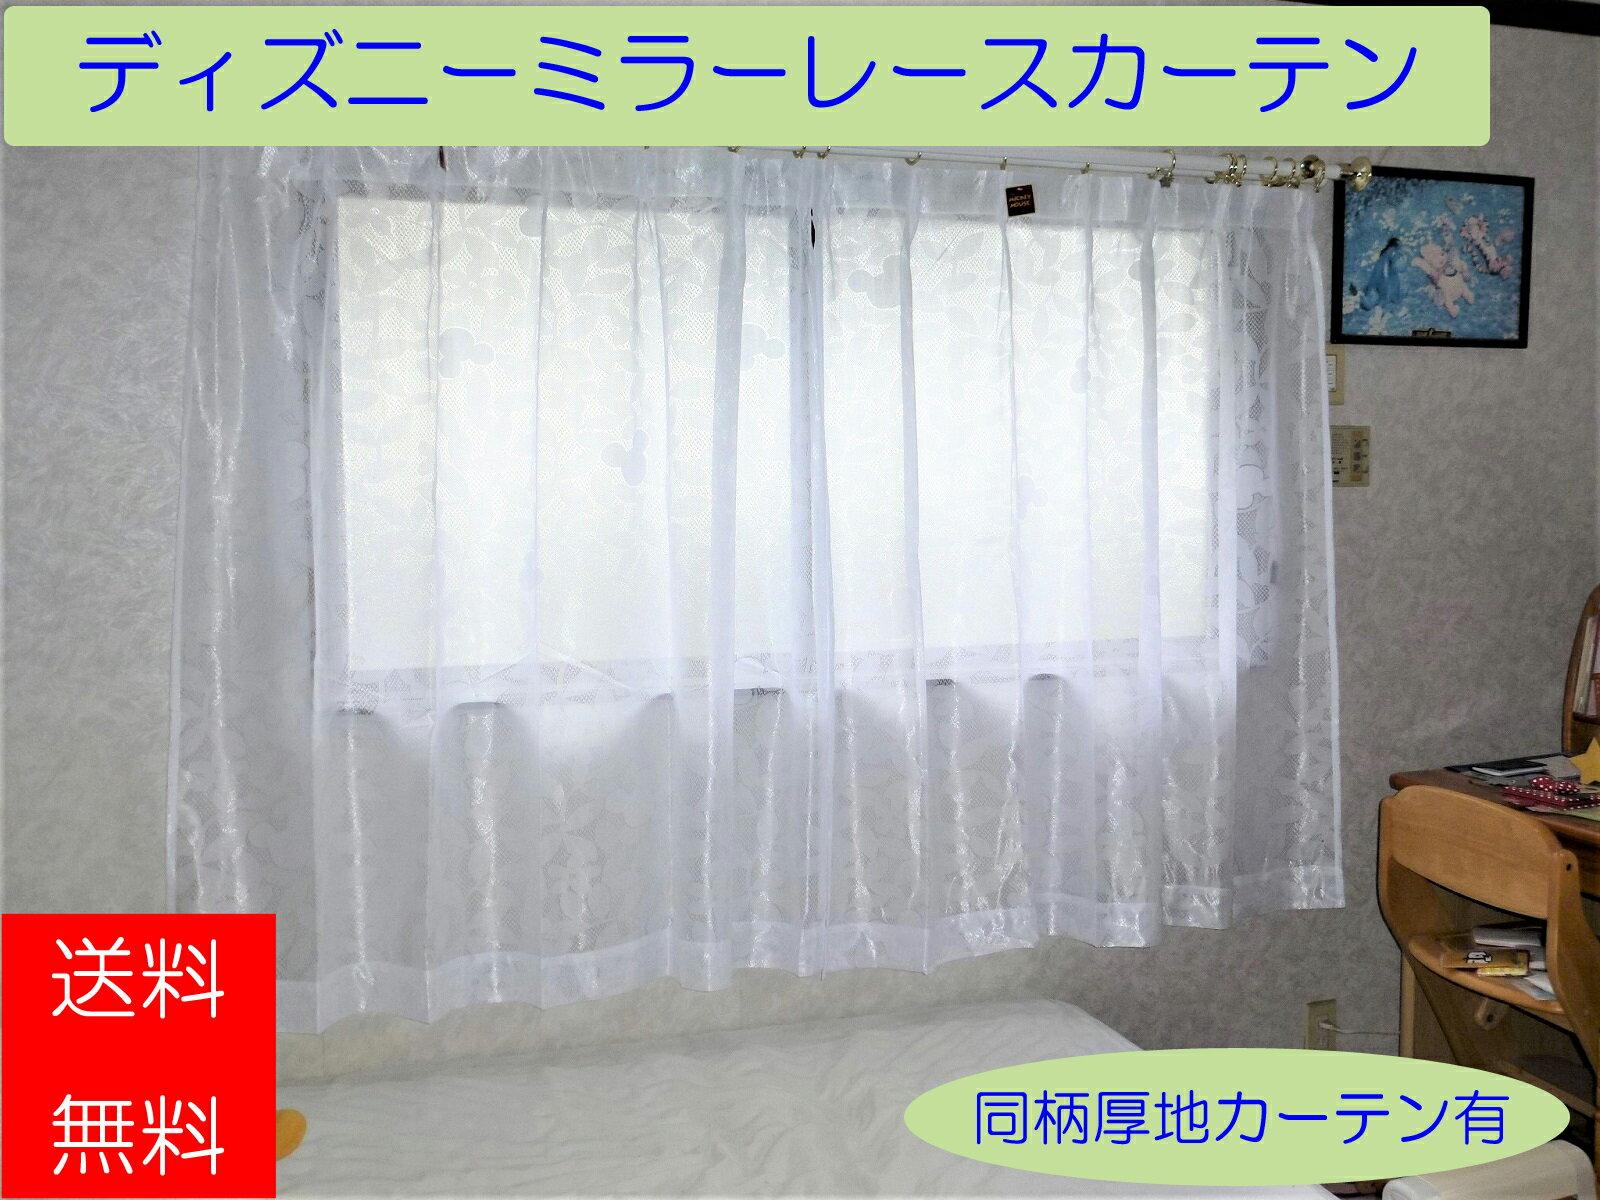 【送料無料】レースカーテン ミラー リーフ柄 ディズニー  レースリーフミッキー